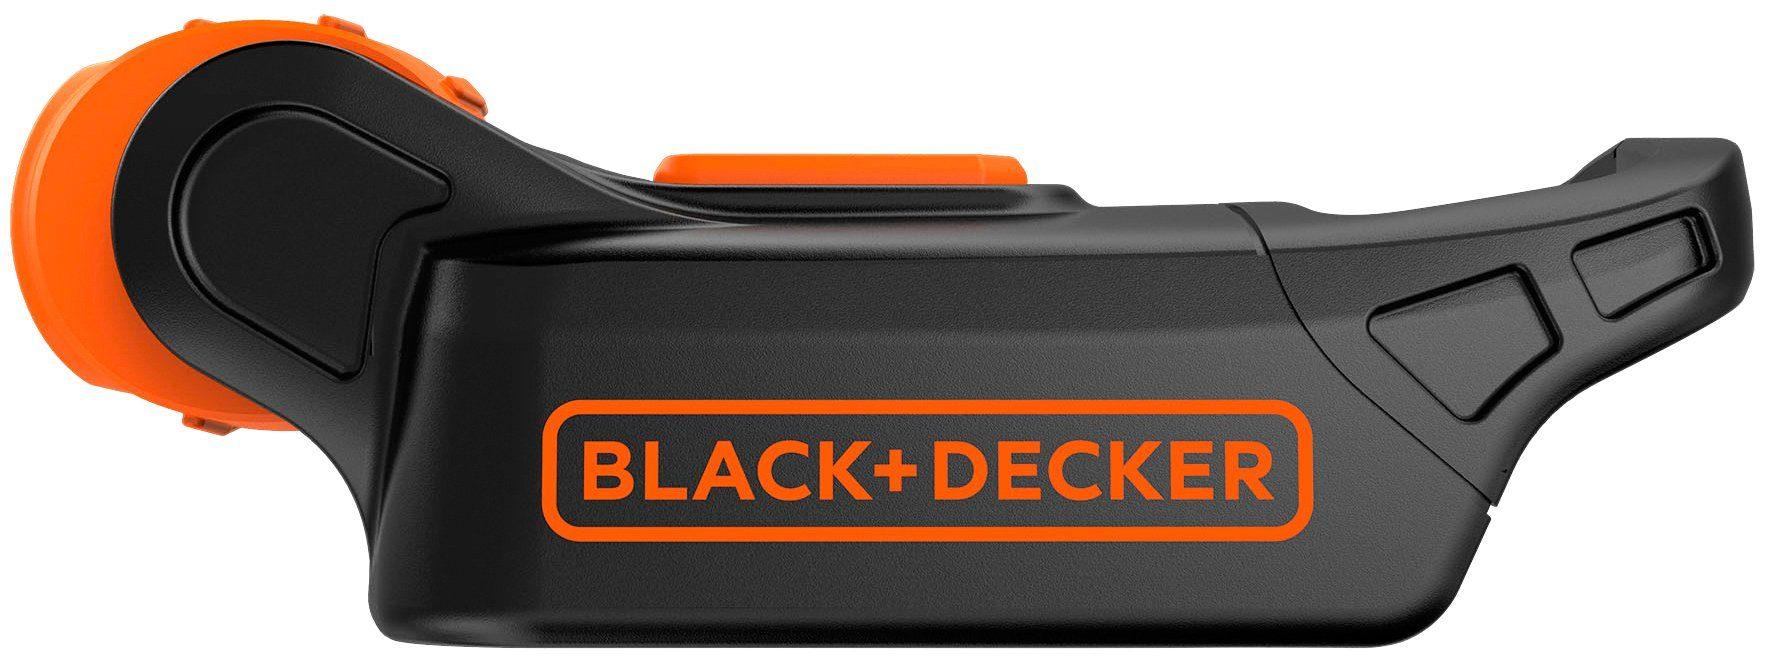 Black & Decker mobile Arbeitsleuchte »BDCCF18N-XJ«, 18 V